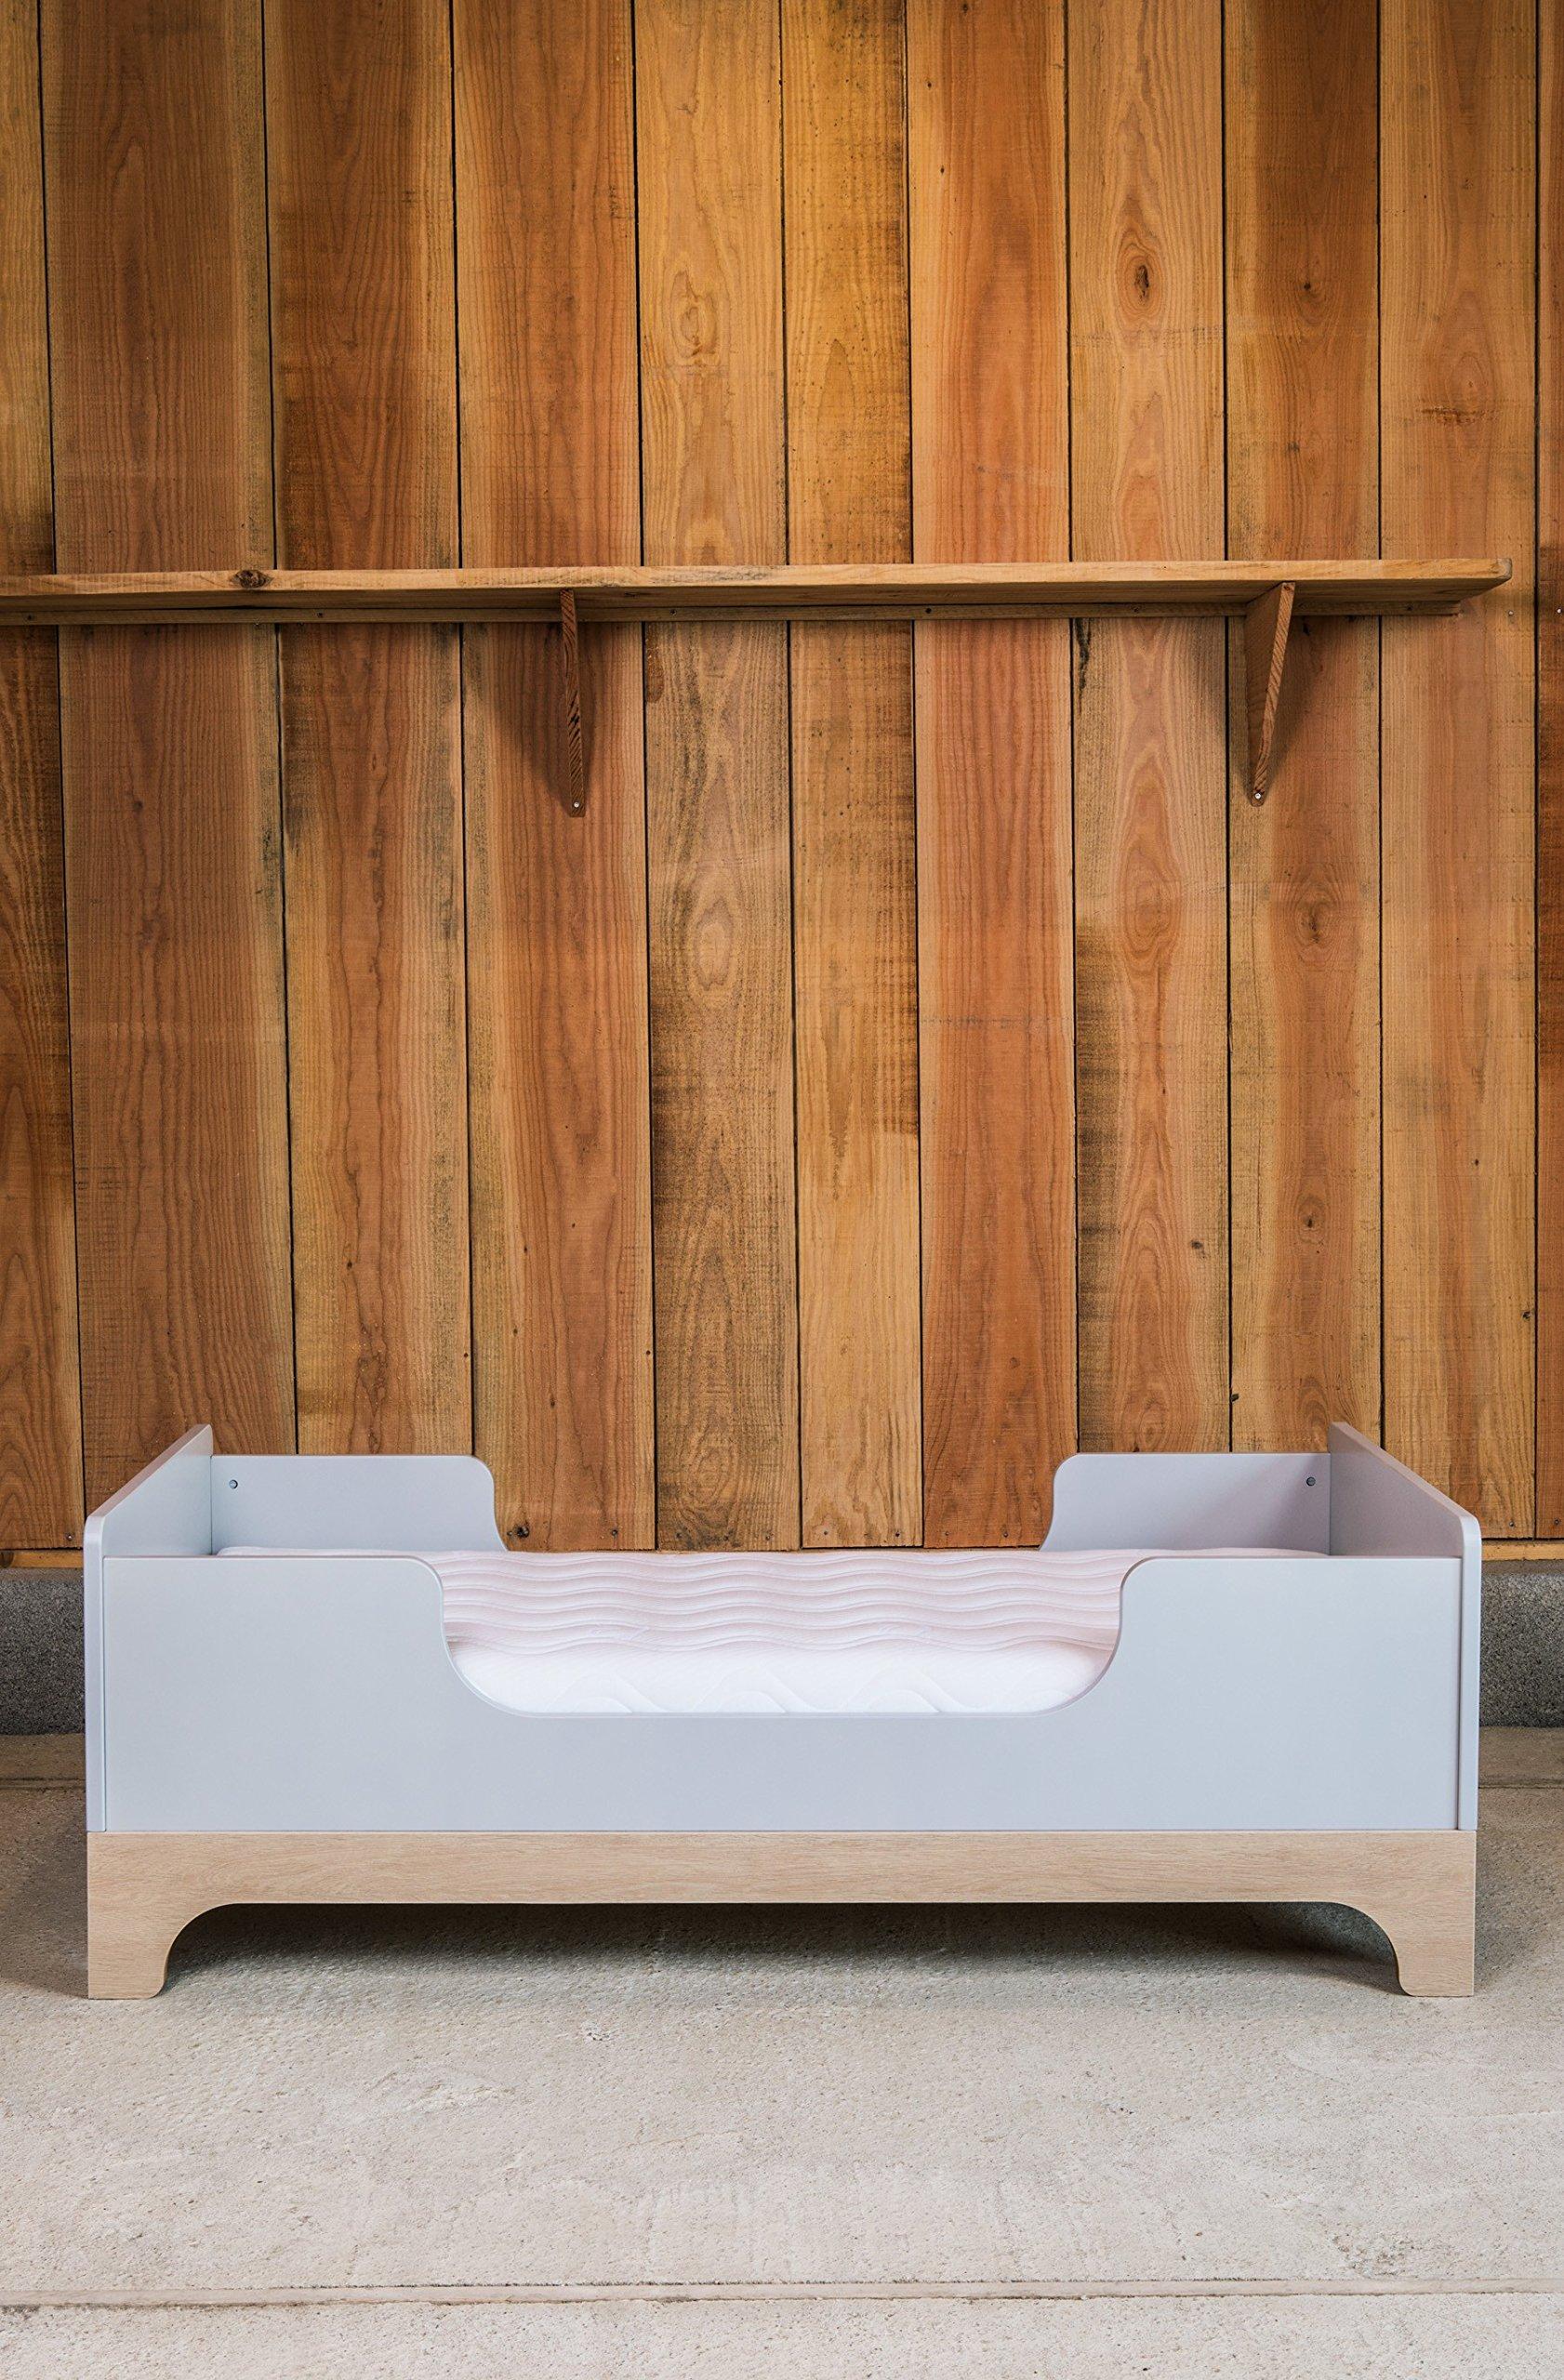 Kadolis Calvi Convertible Bed - 70 x 140 cm Gris claro/Madera   1